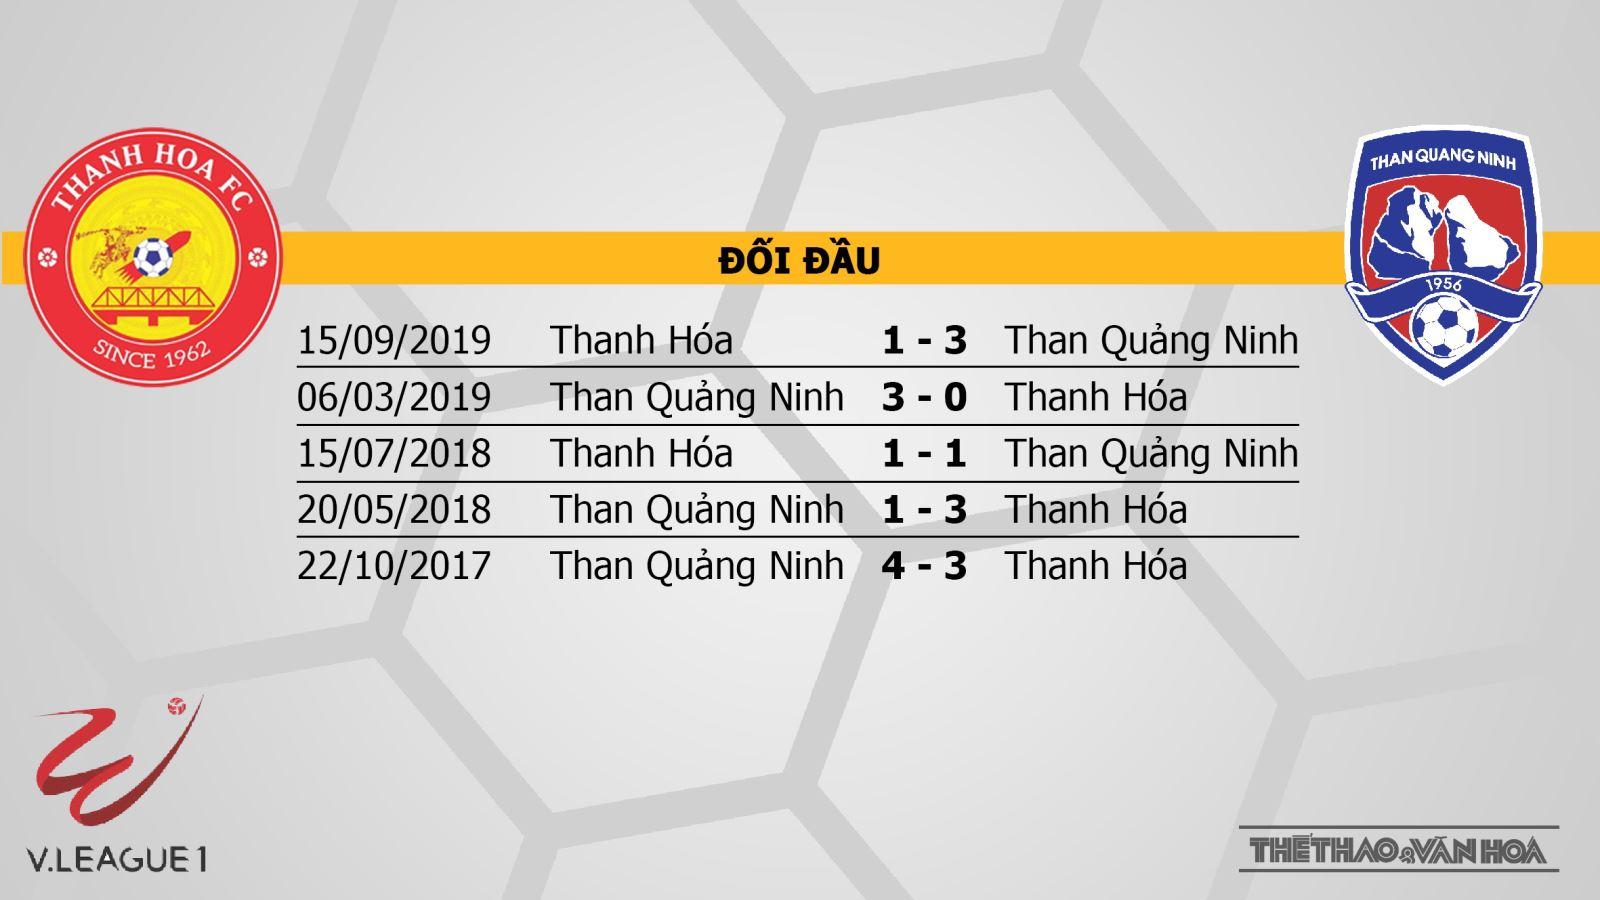 Thanh Hóa vs Than Quảng Ninh, Thanh Hoá, soi kèo bóng đá, trực tiếp bóng đá, V-League, kèo bóng đá, soi kèo, nhận định